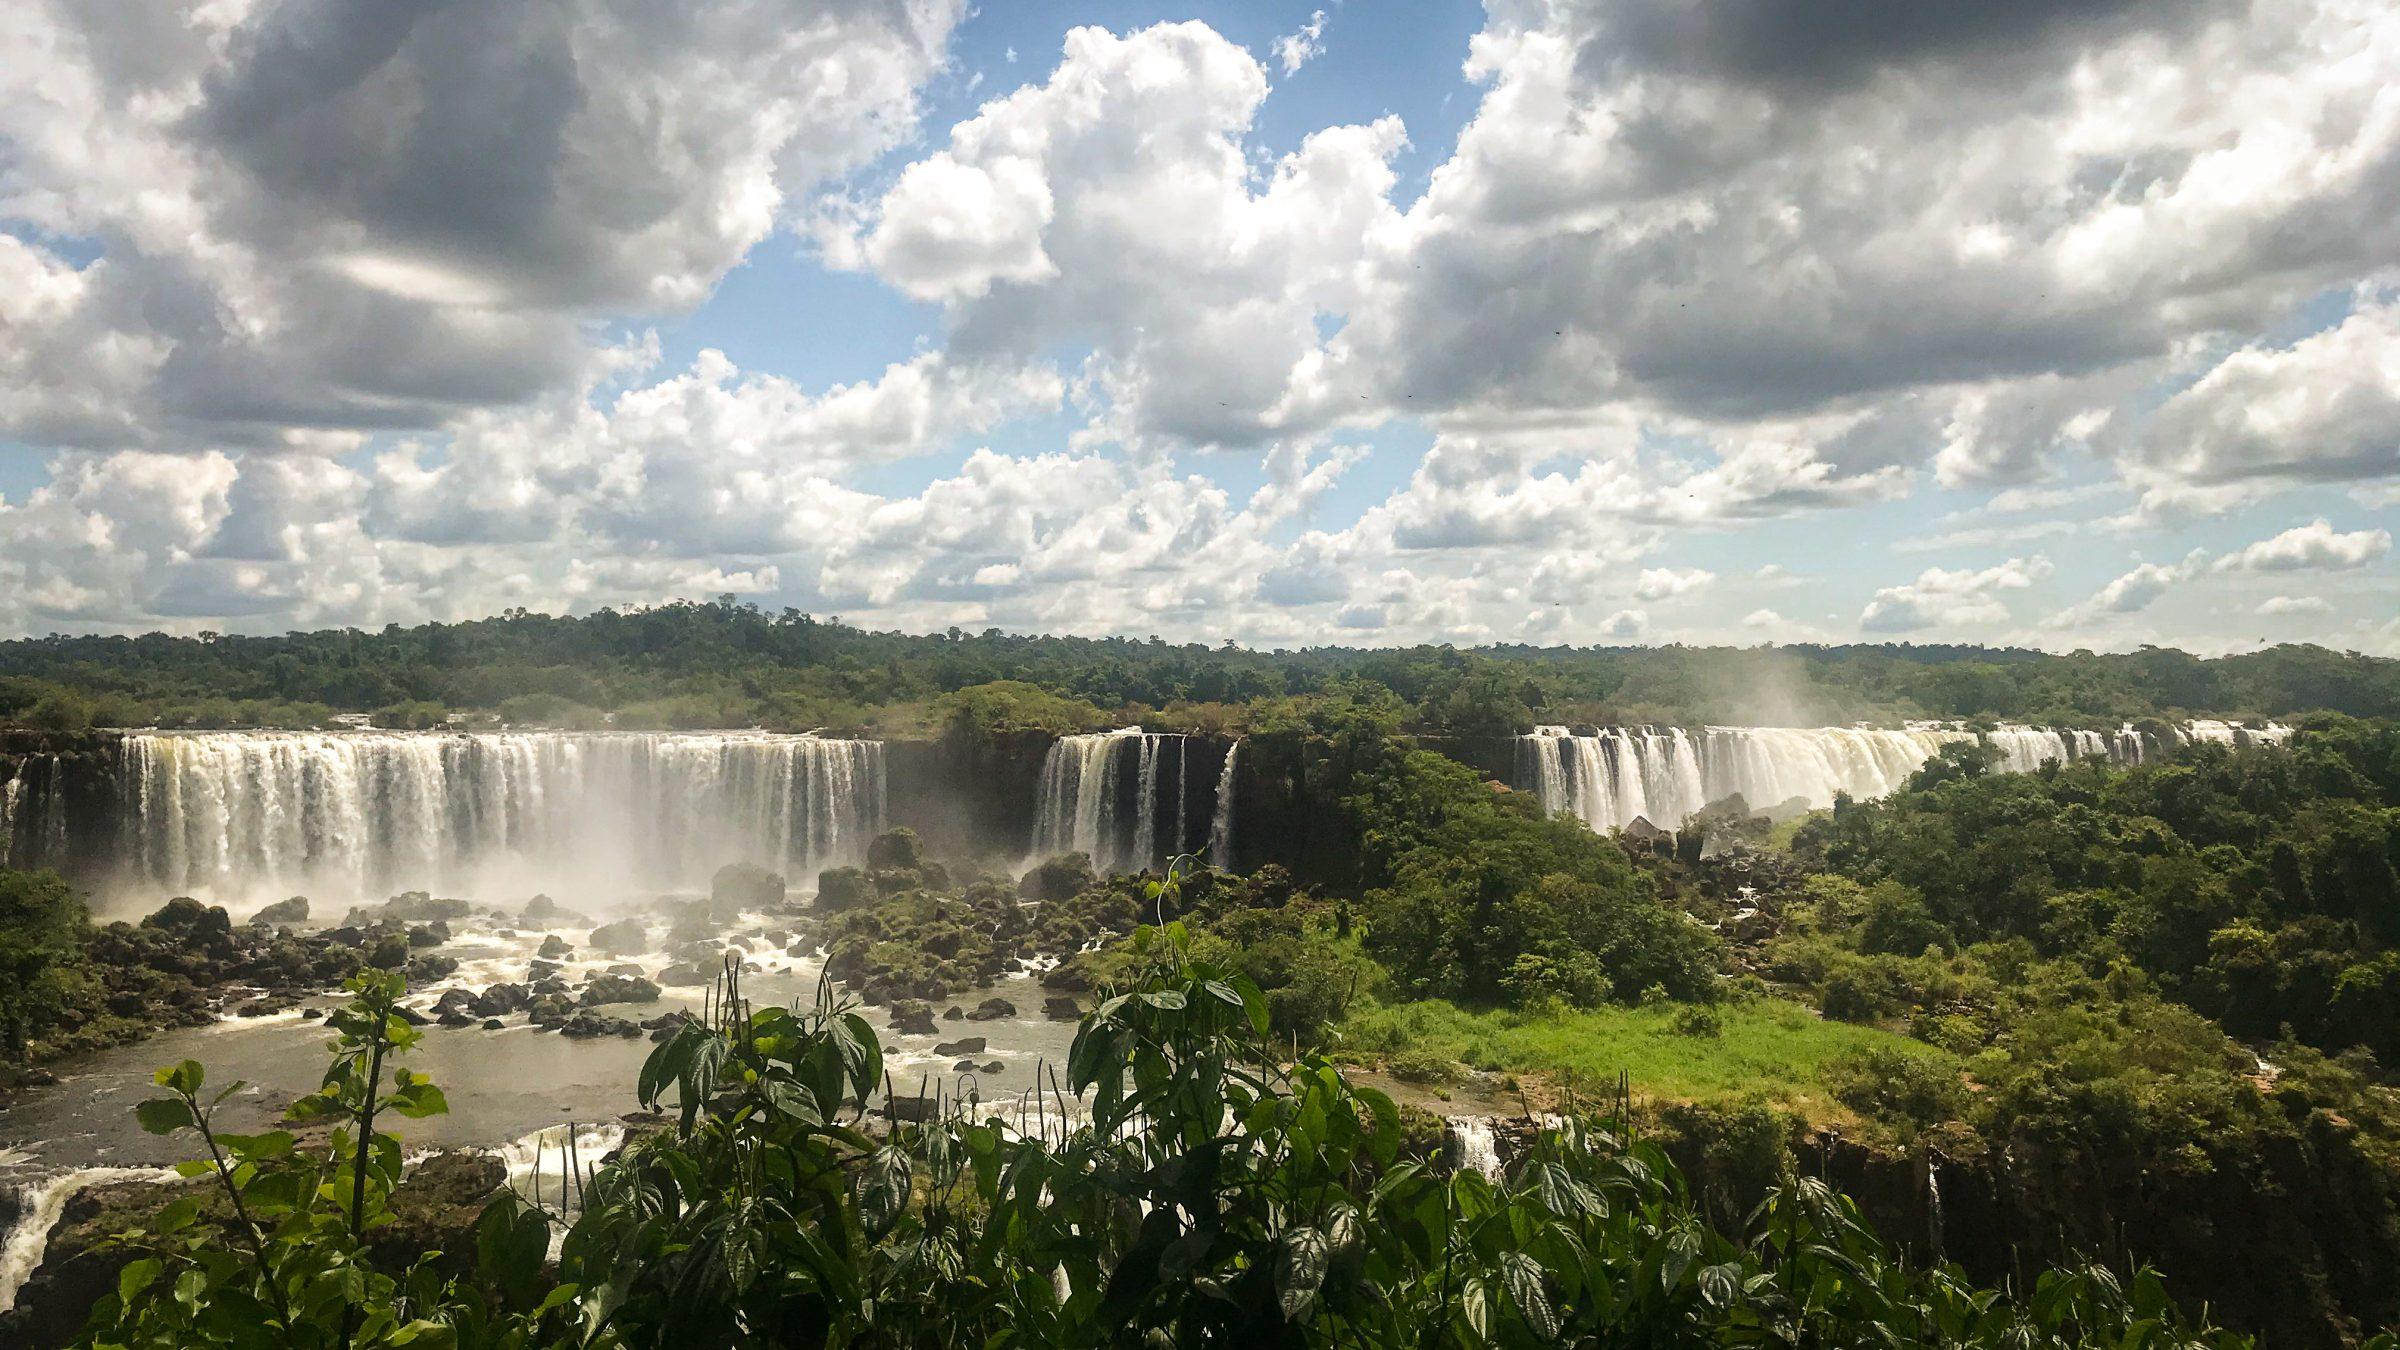 Iguazu Watervallen – Foz do Iguazu